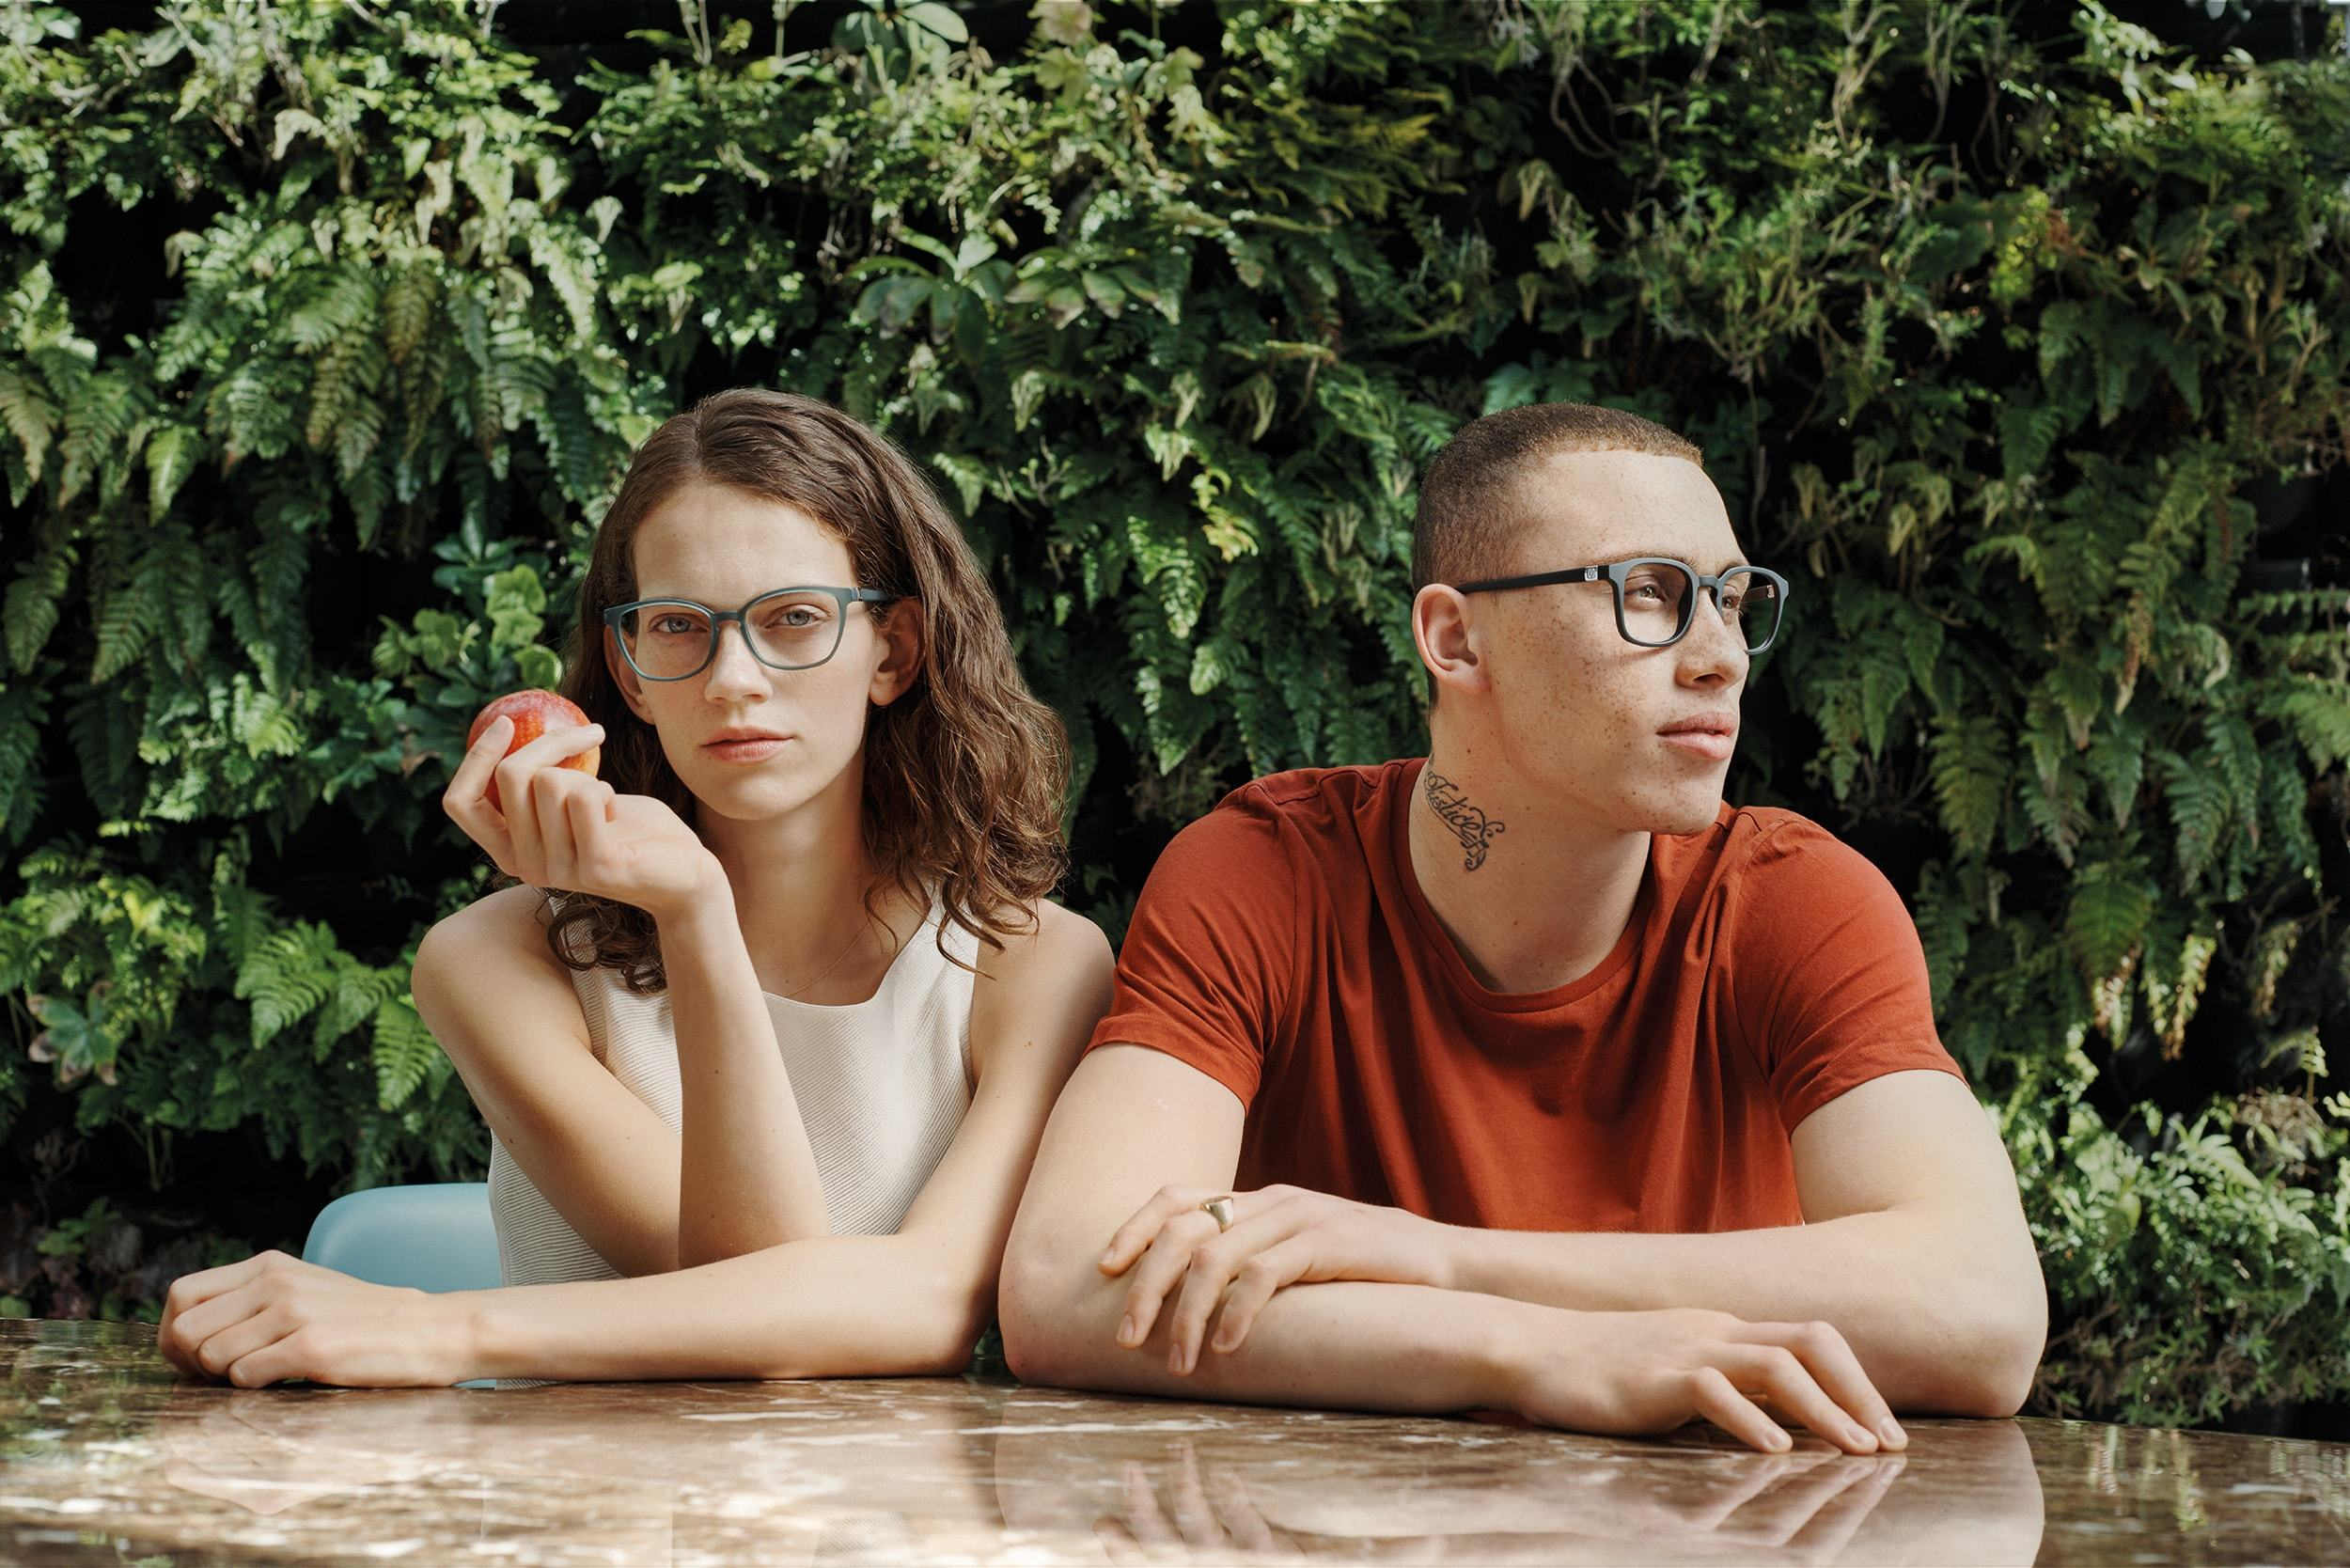 neubau eyewear by Fredmansky